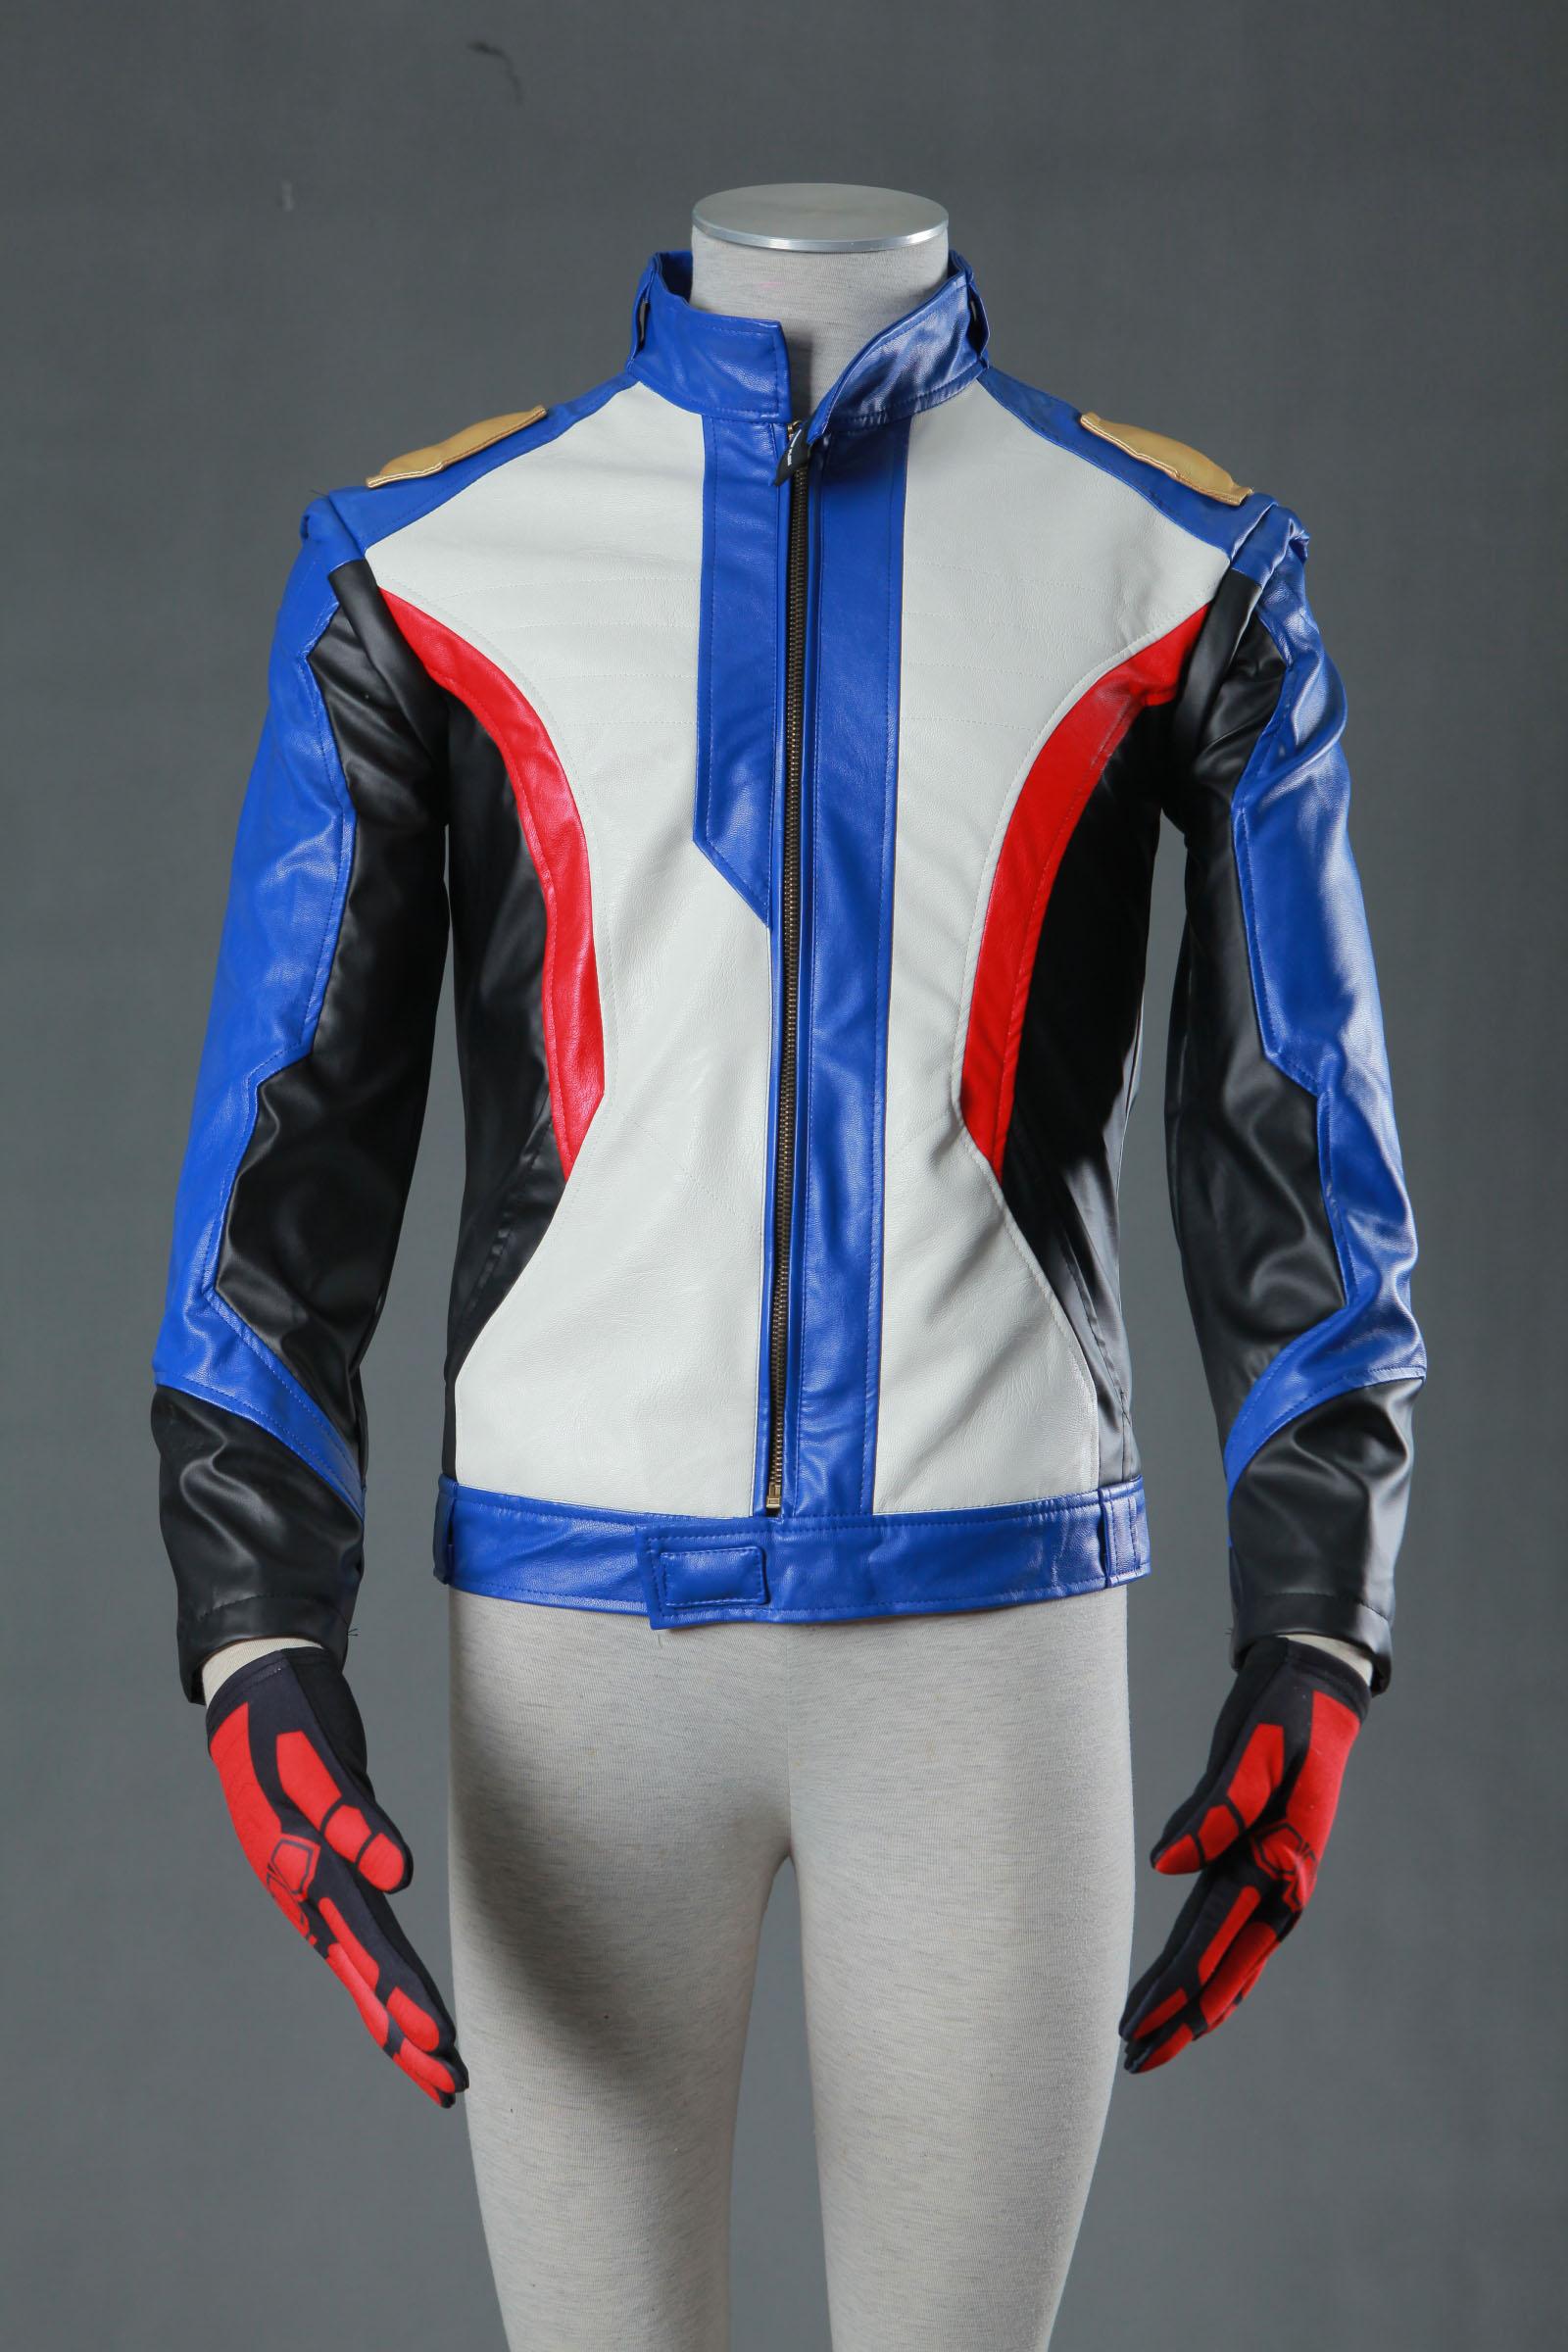 Overwatch OW Soldier 76 Halloween Cosplay Costume Soldier 76 Cosplay Uniform Jacket Halloween 2